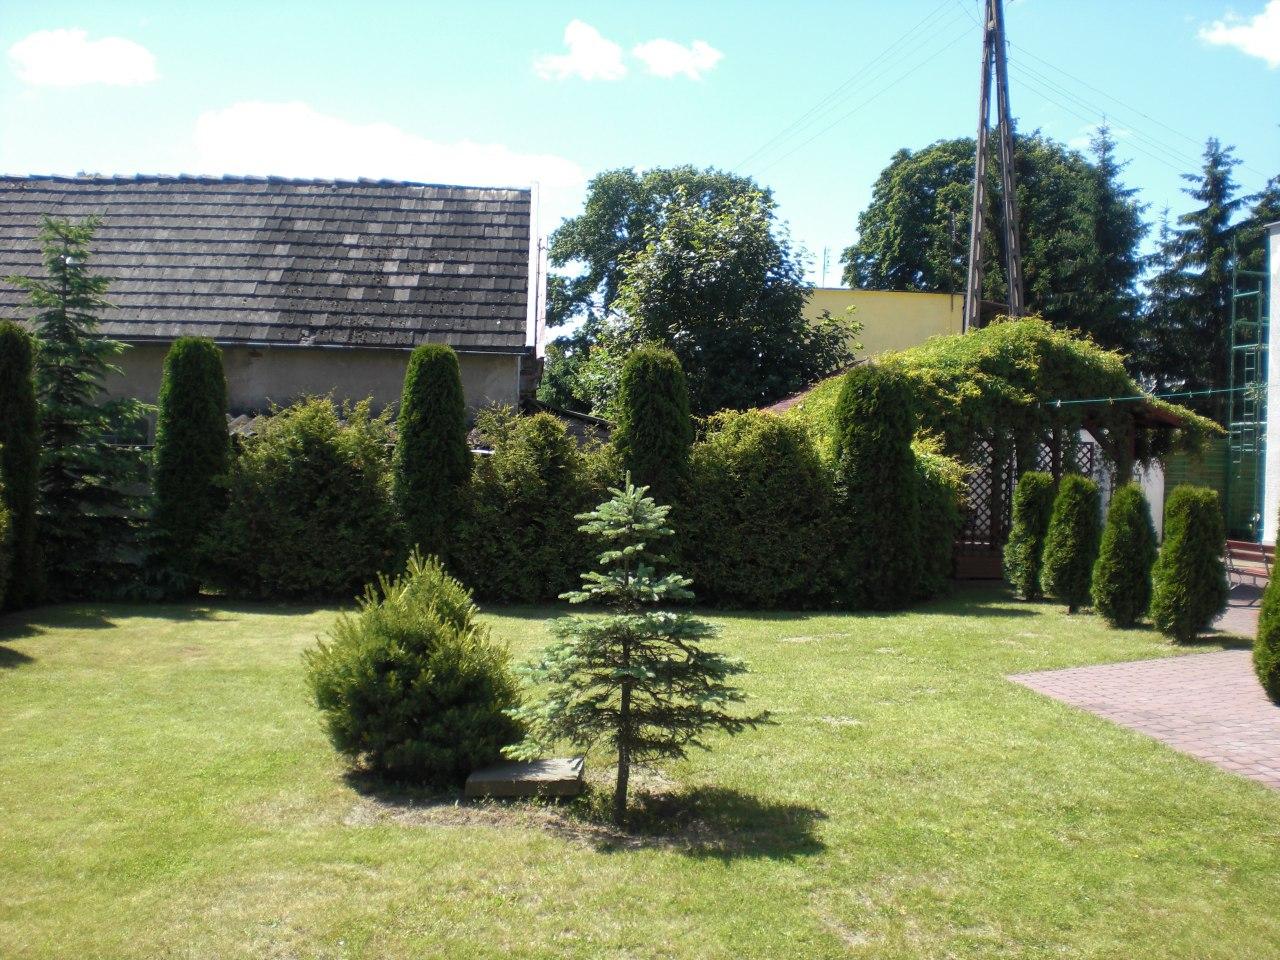 Podwórko zielone